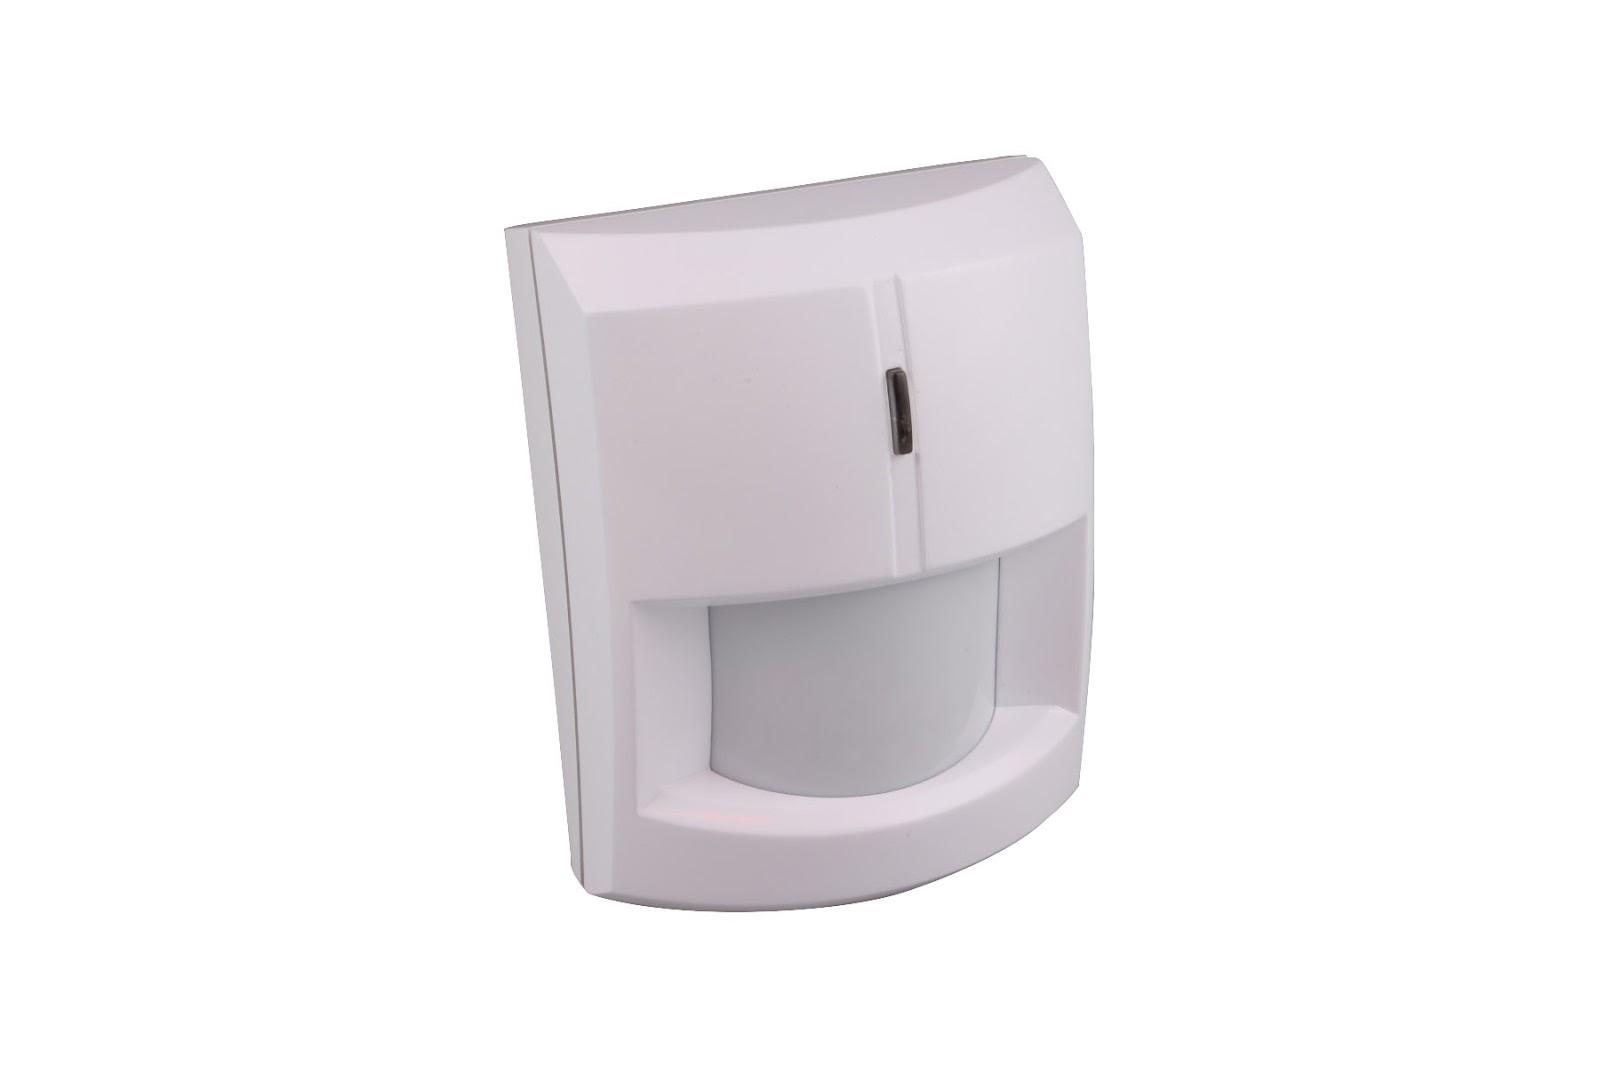 Detektor pohybu od společnosti Rex services a.s.